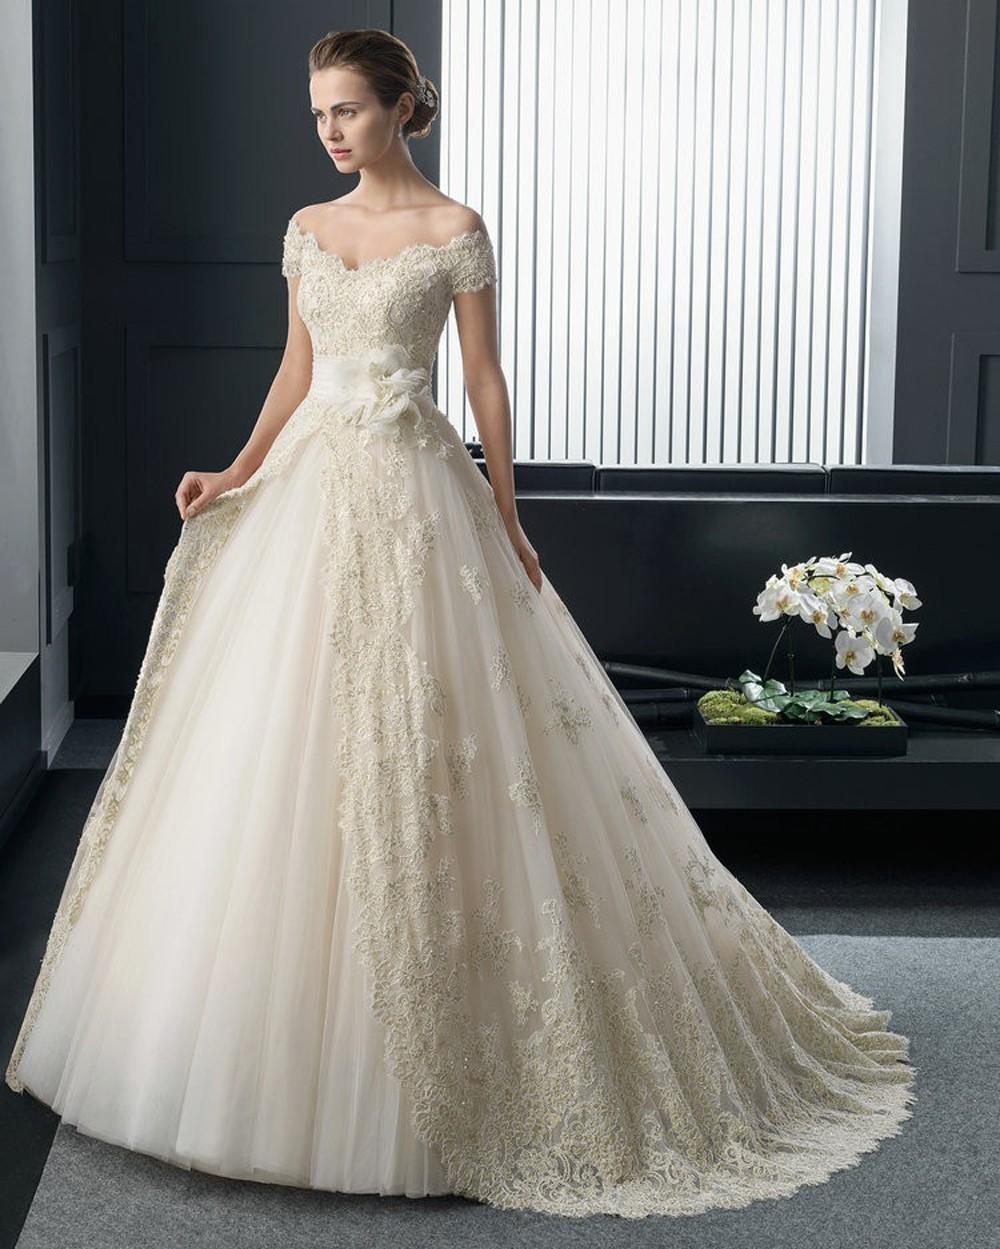 Yellow Summer Wedding Dresses 2015 Cheap